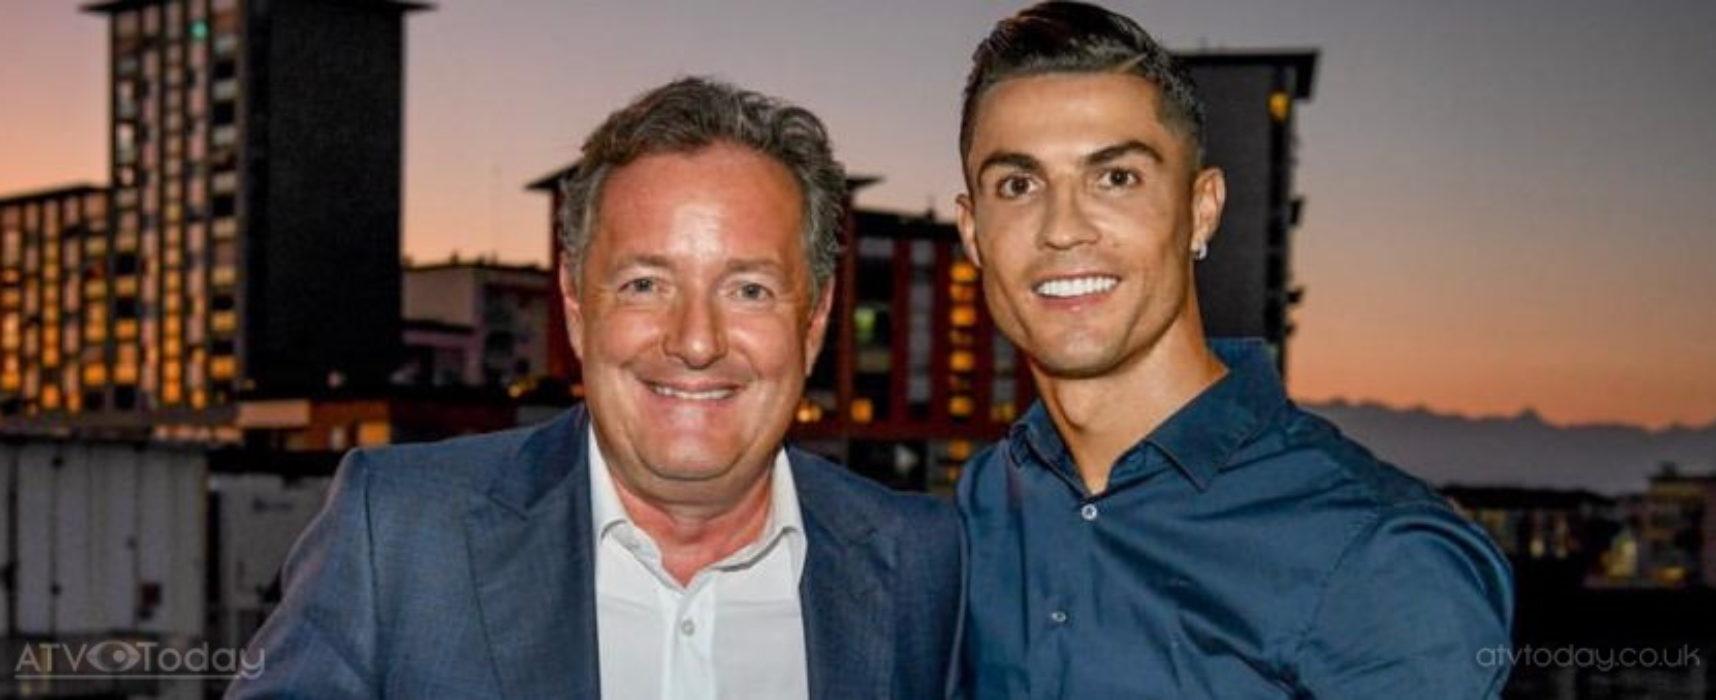 Cristiano Ronaldo special for ITV